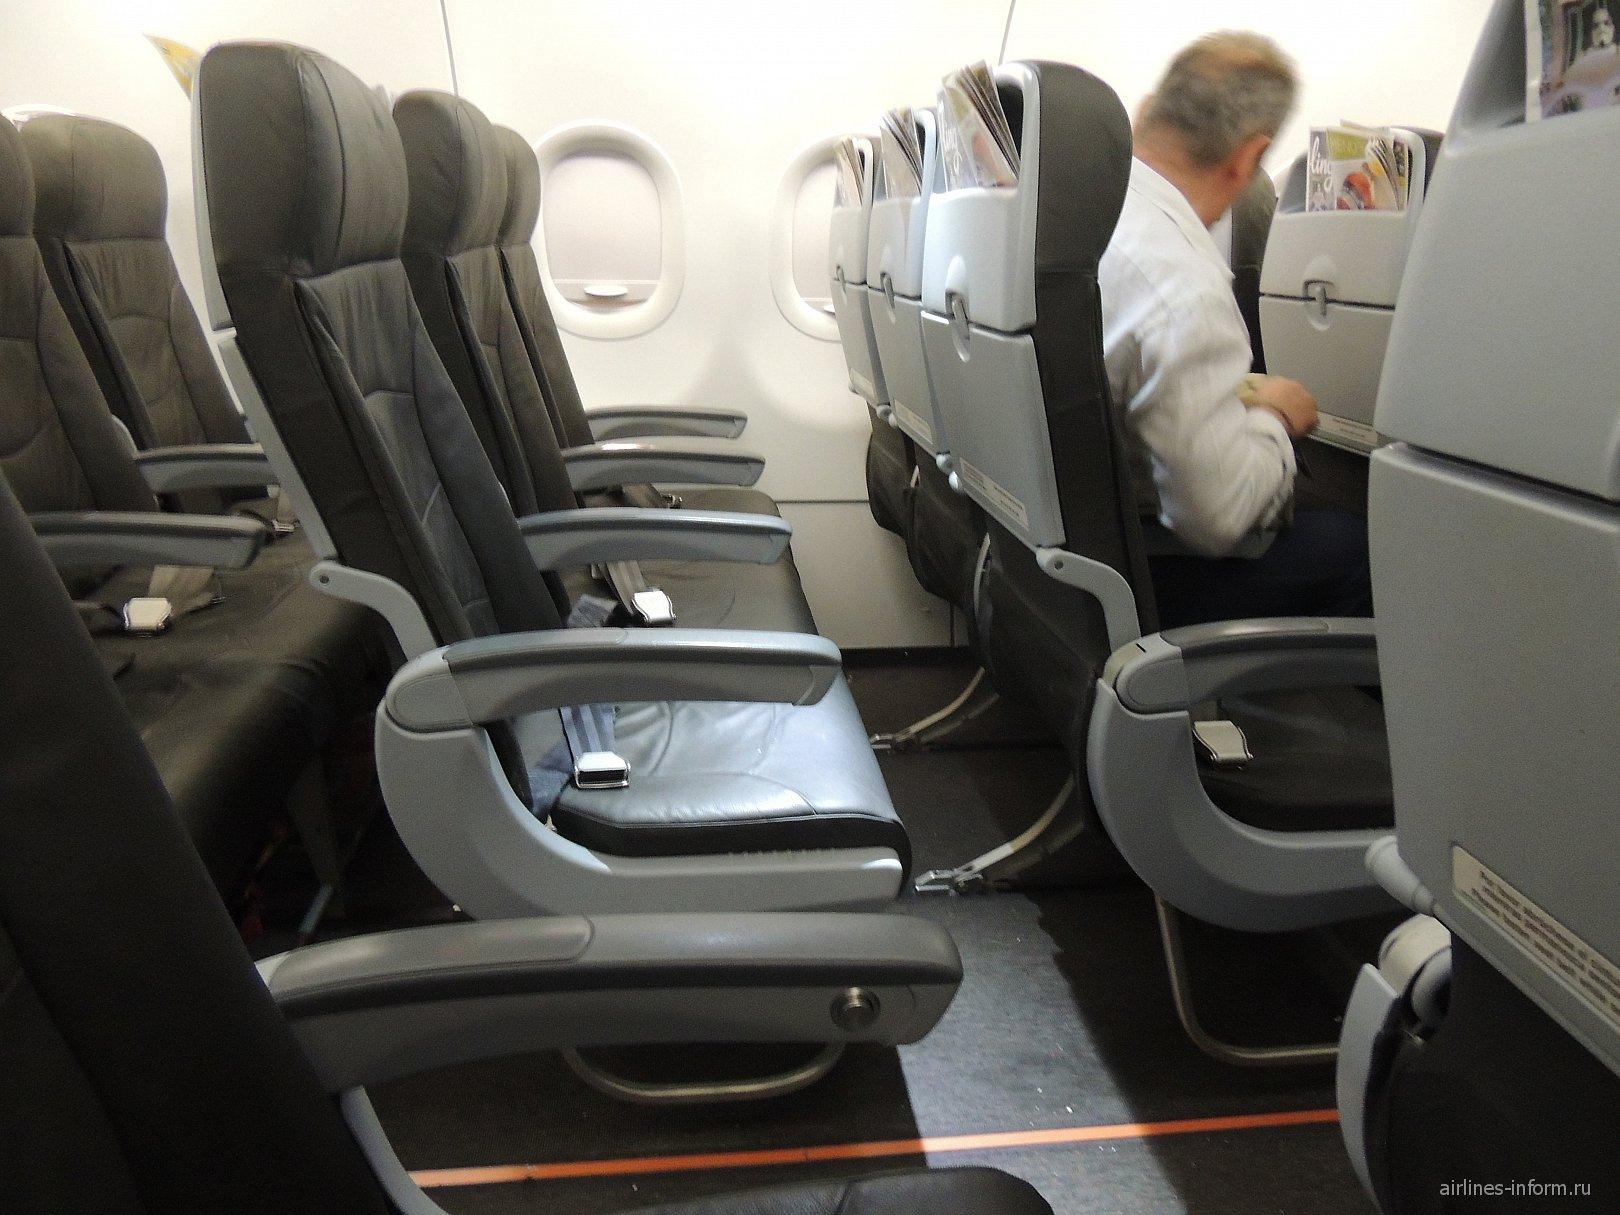 Пассажирские кресла в самолете Airbus A320 авиакомпании Vueling